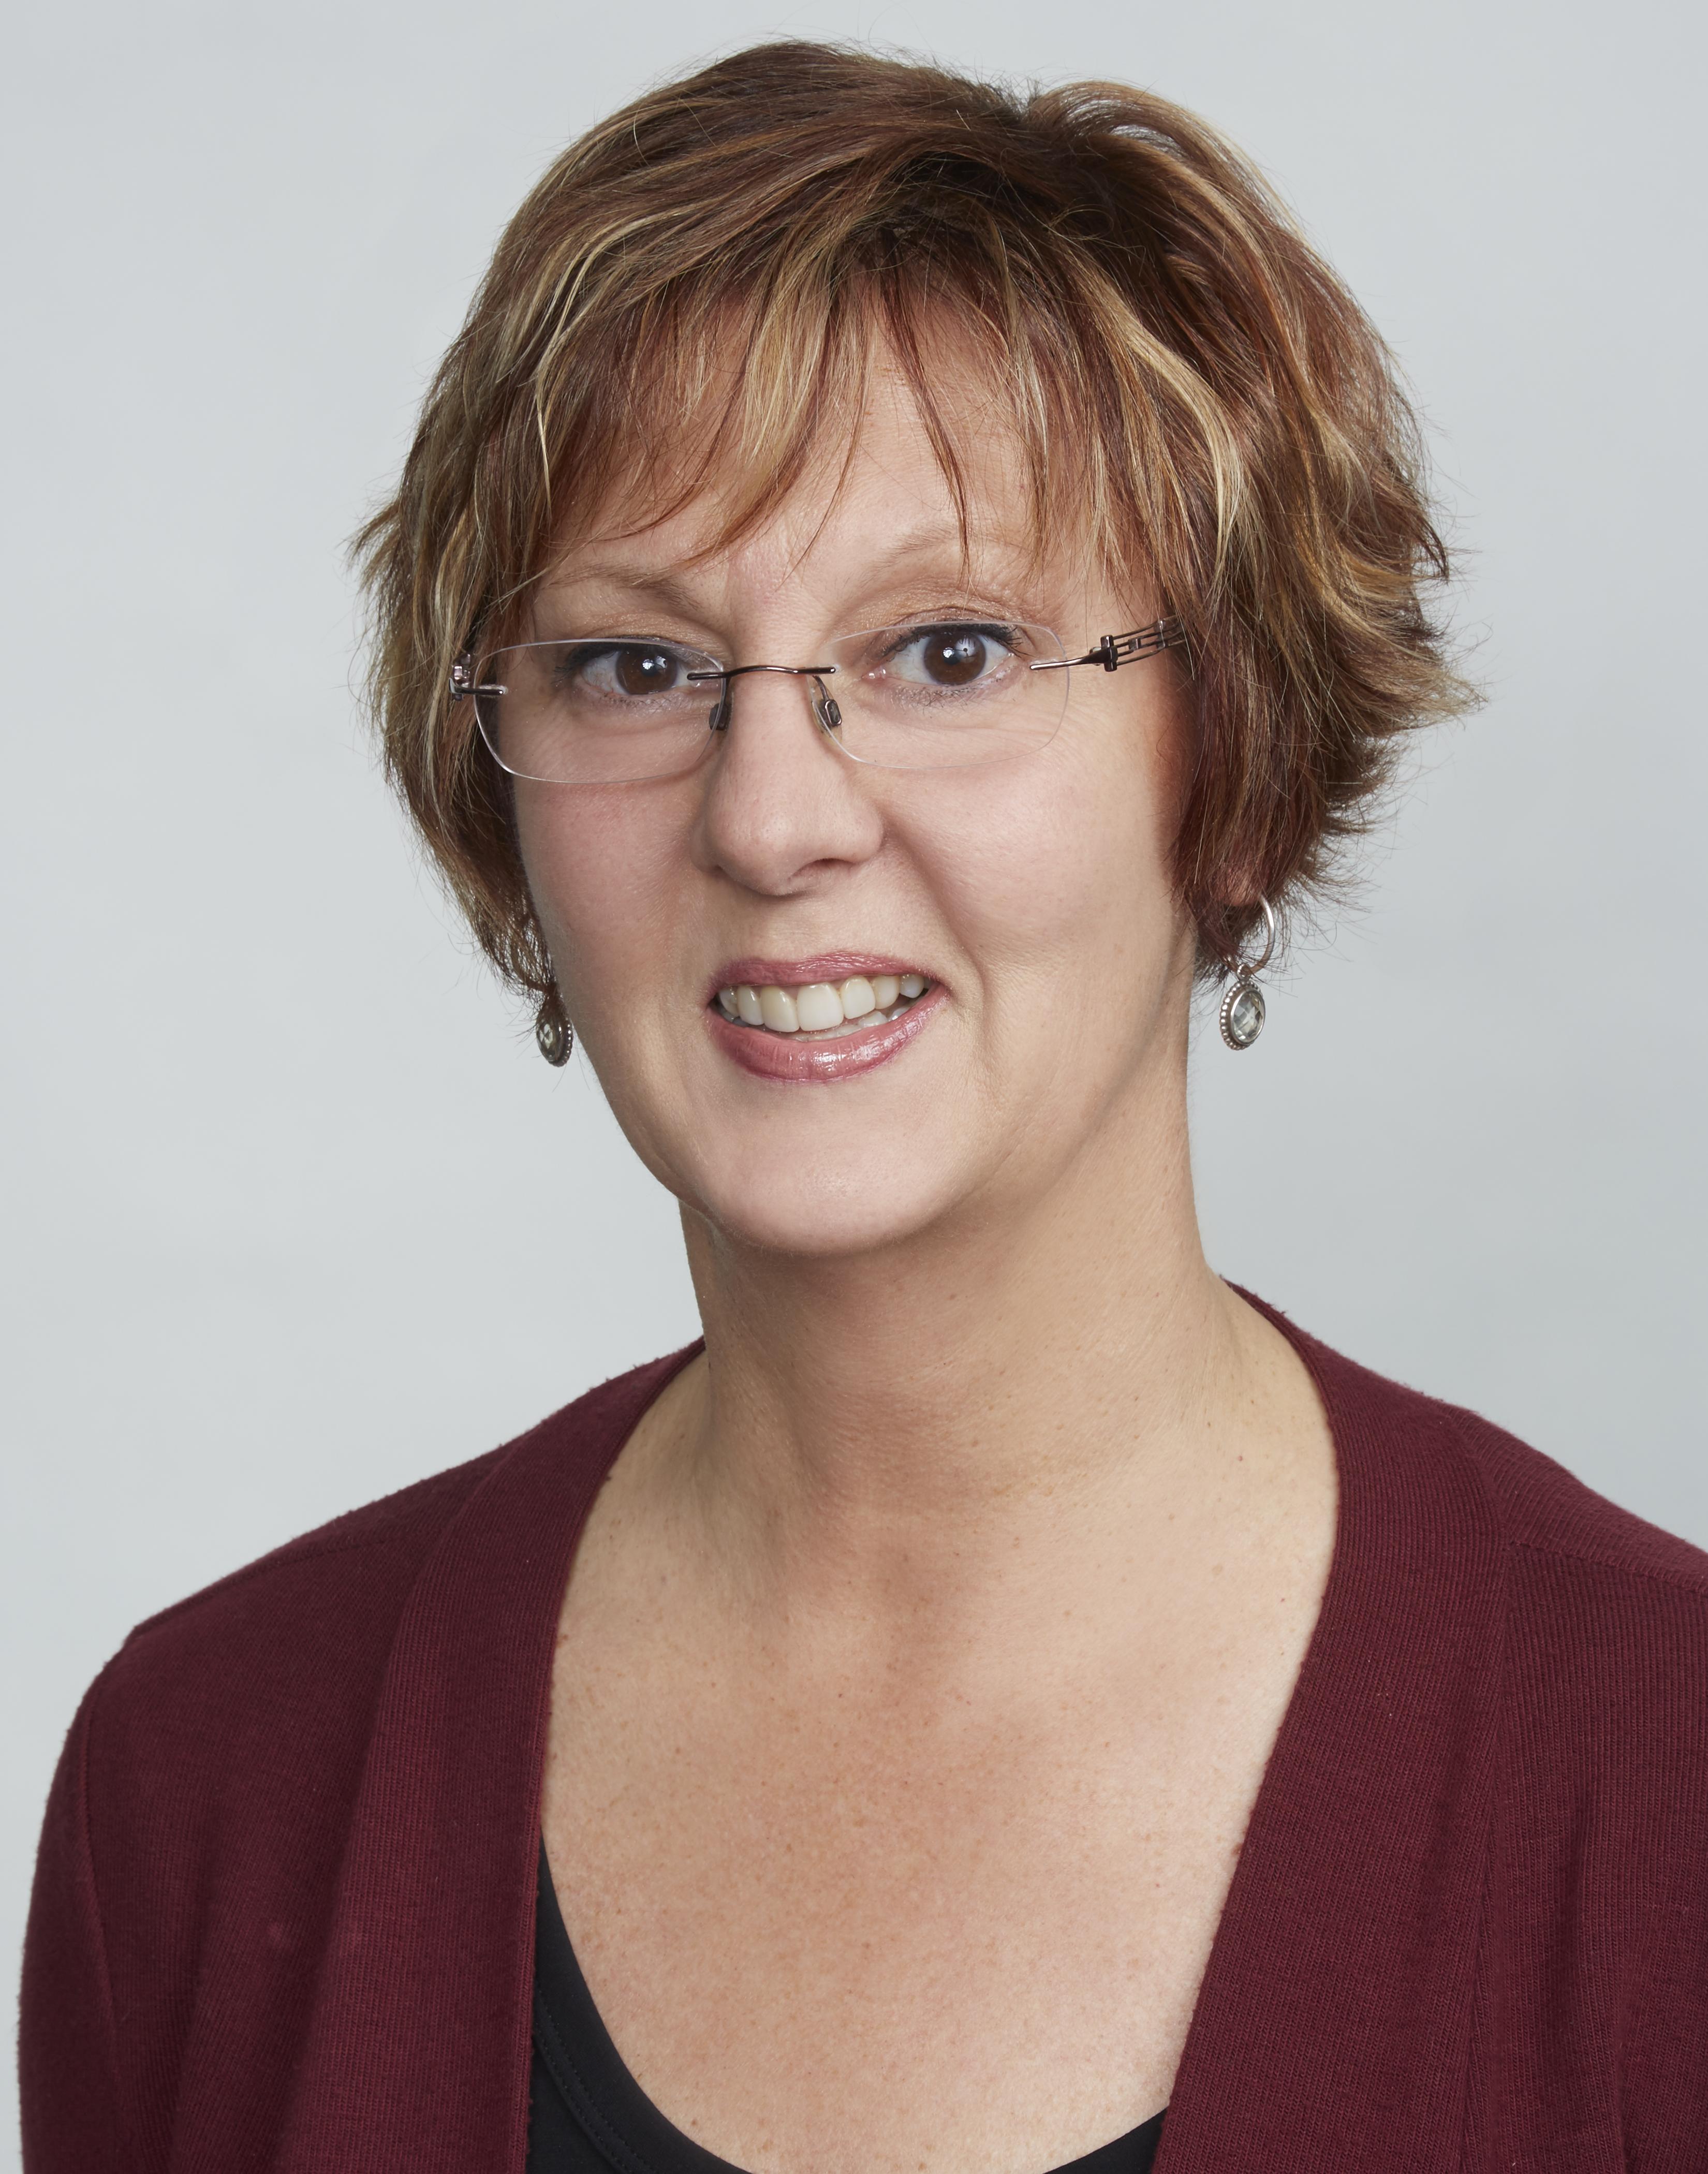 Helen miller videos pics 26